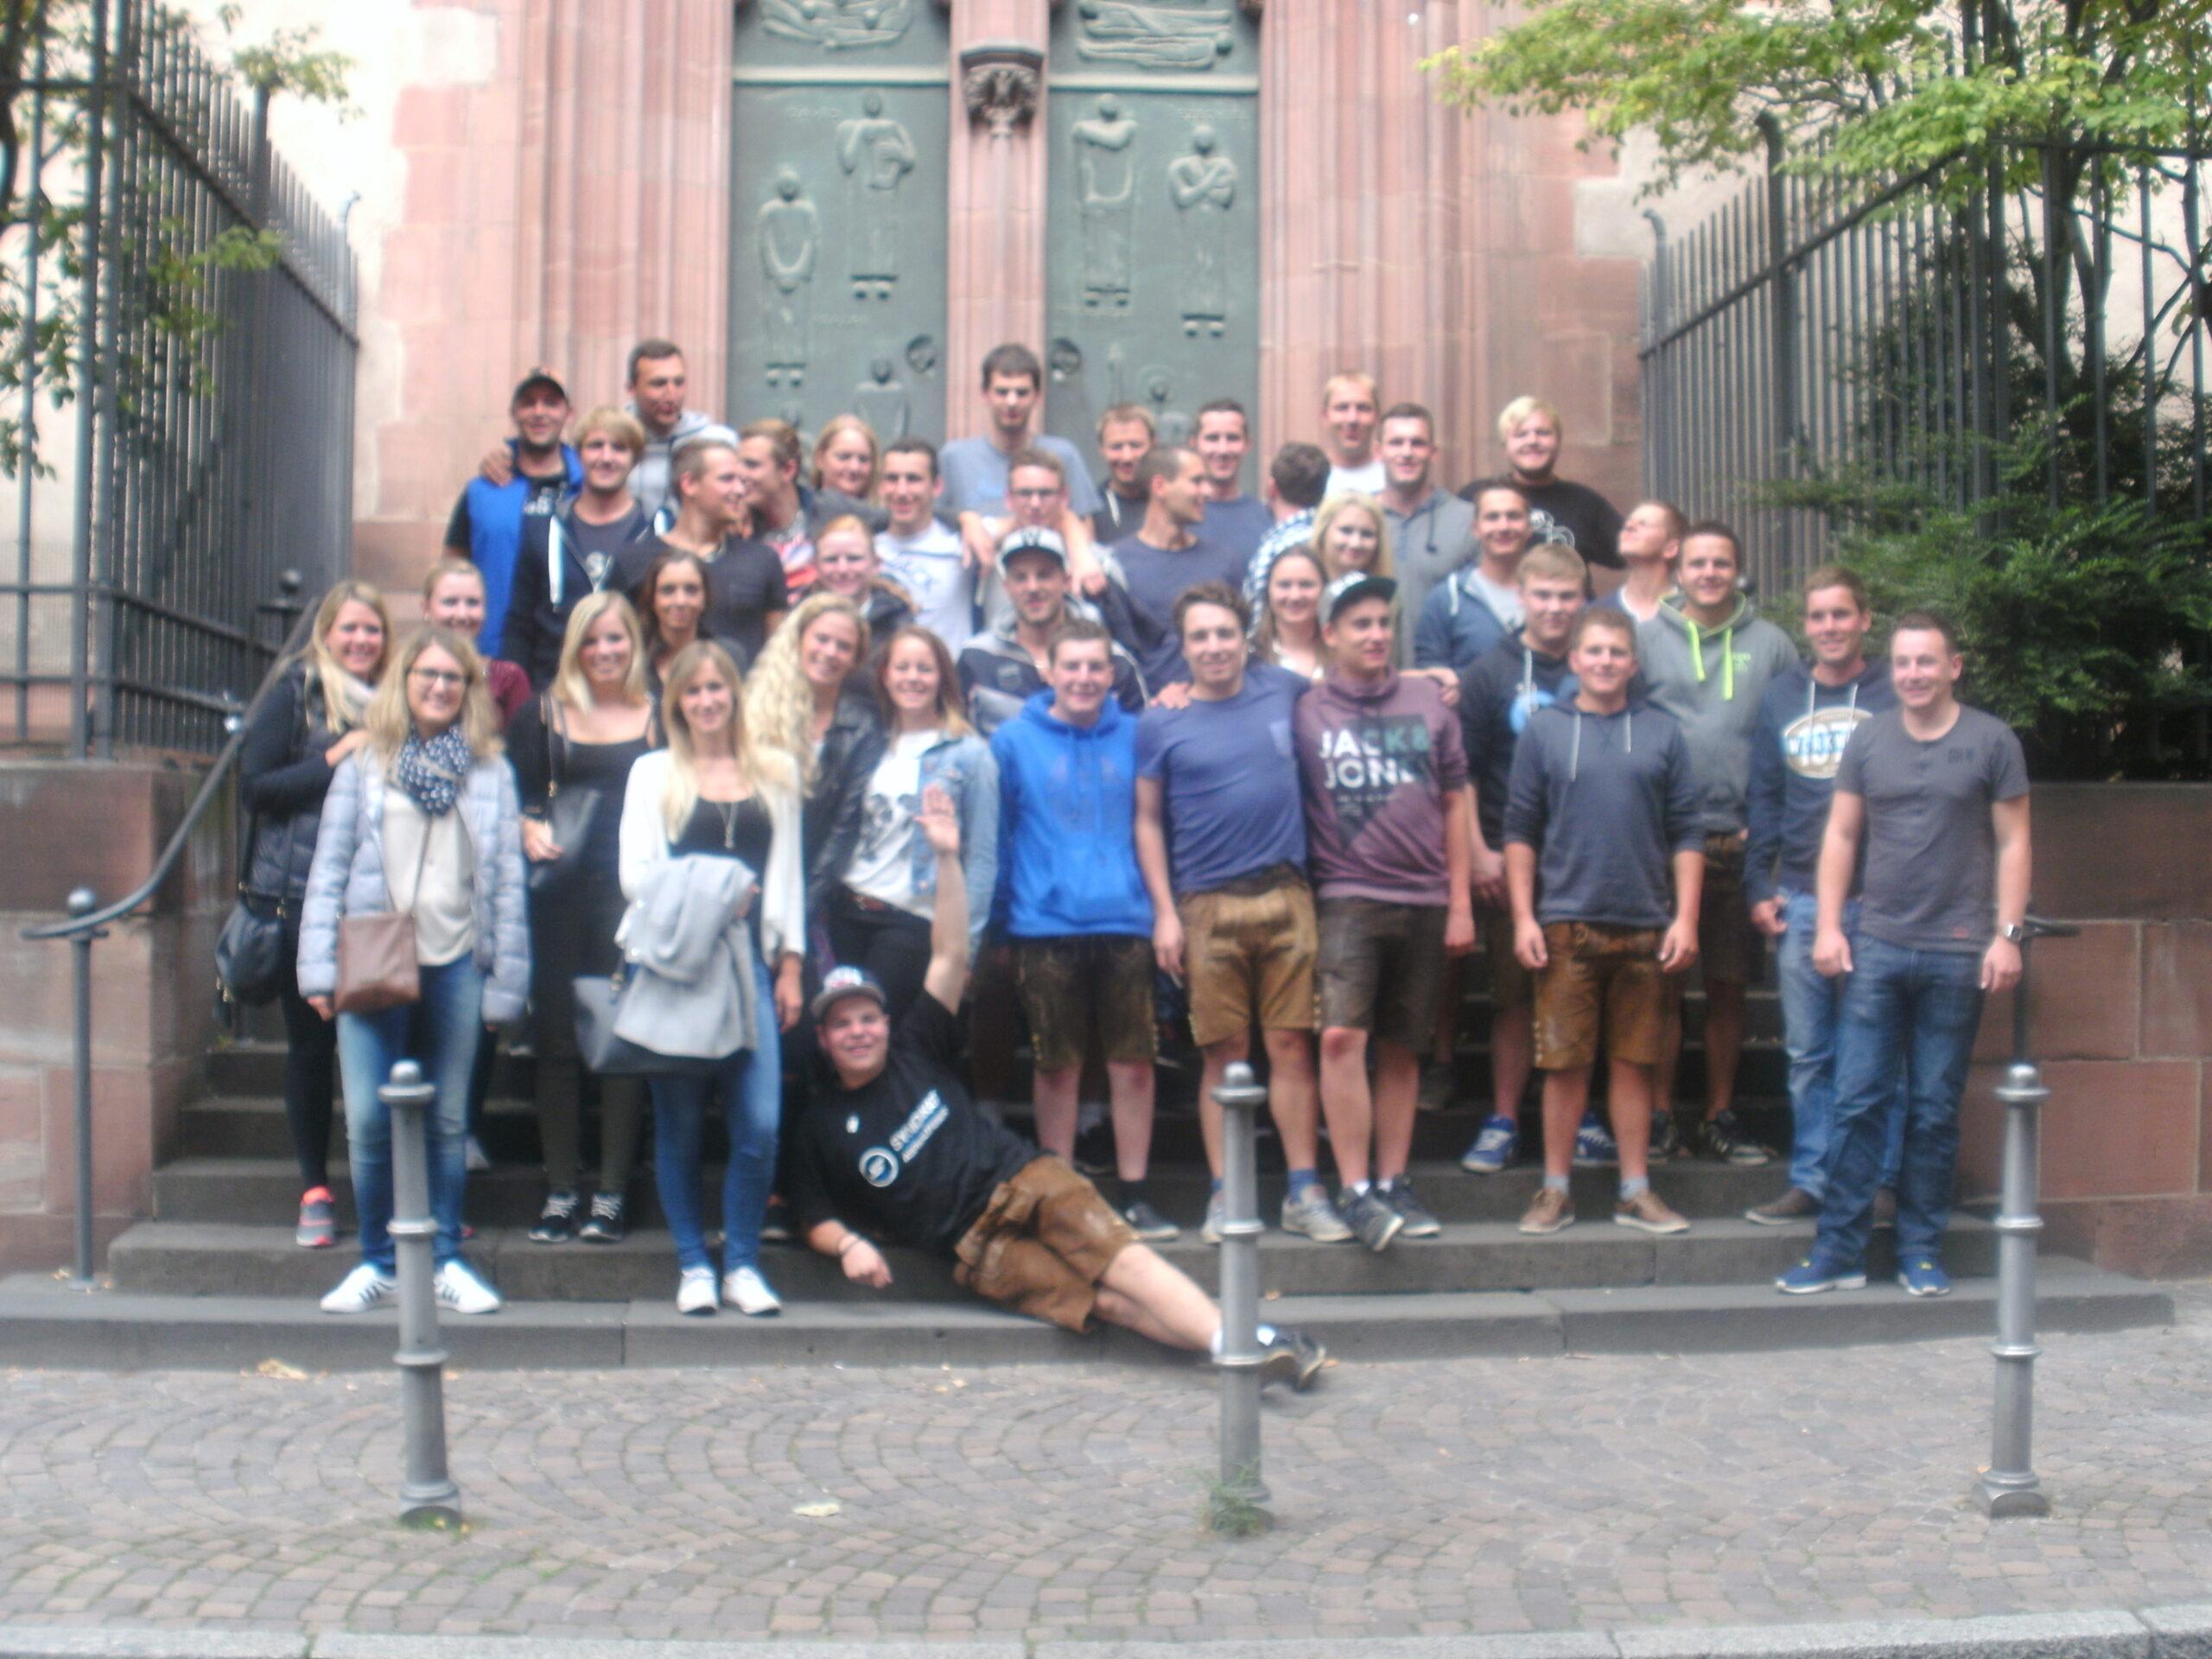 Ausflug Burschenverein Paar-Harthausen